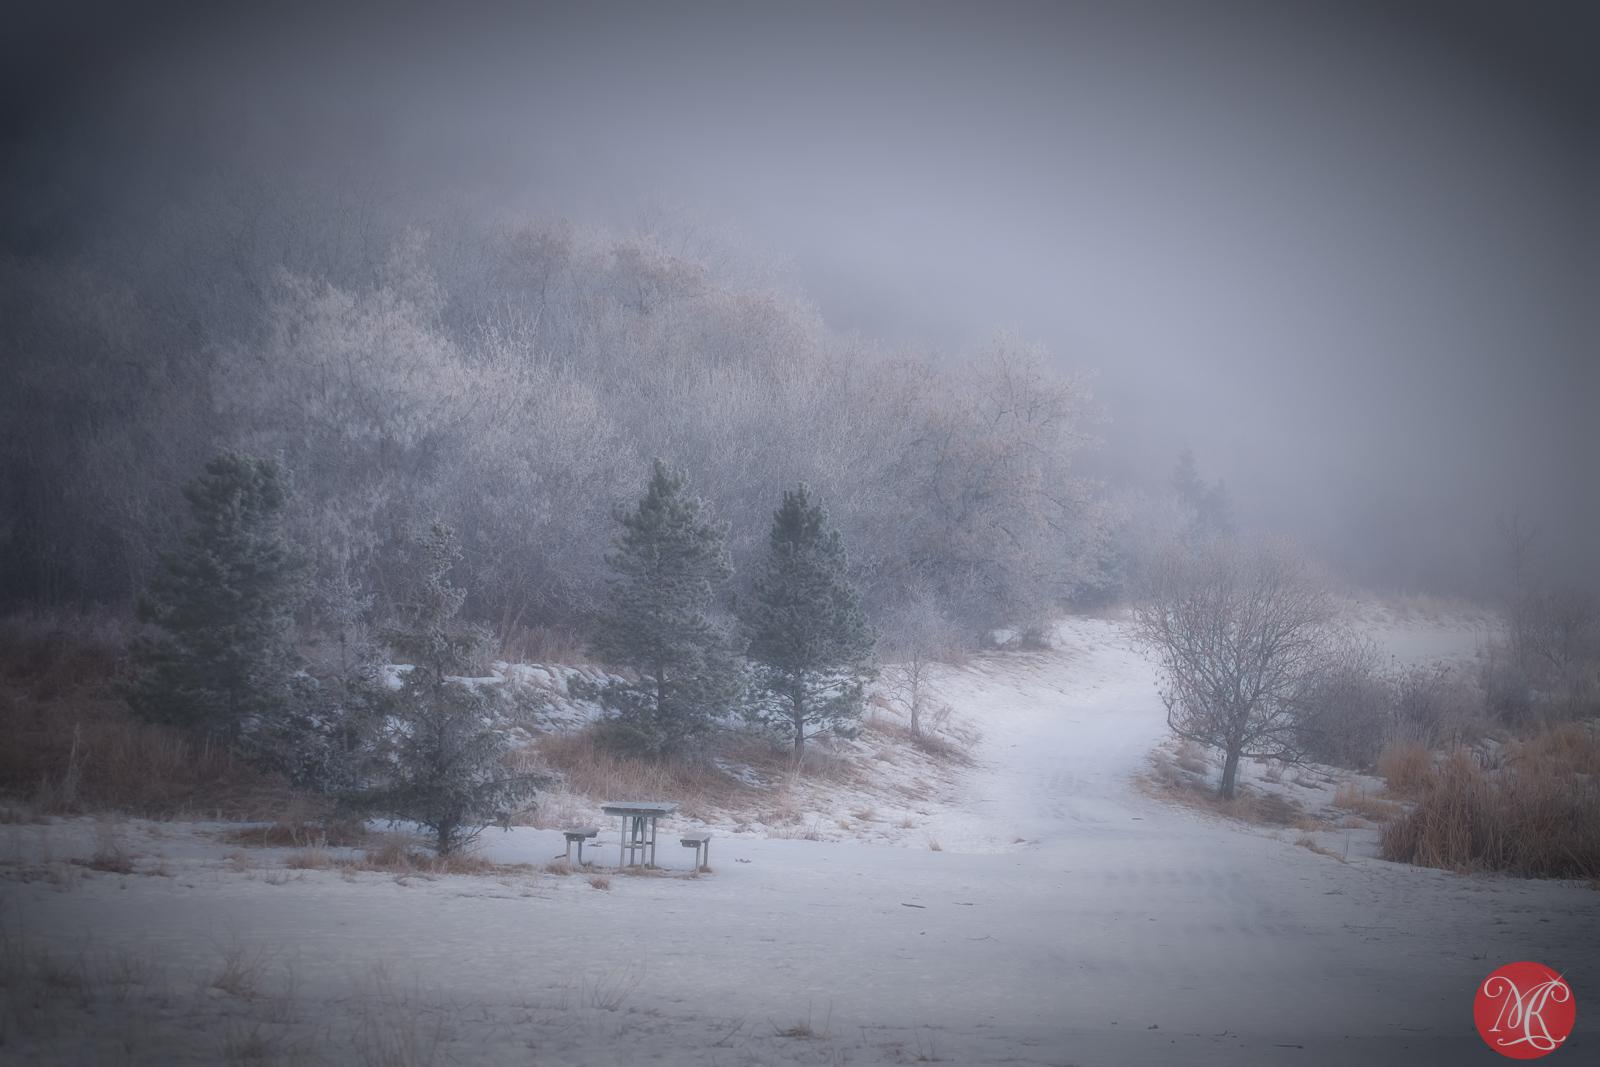 Silence of the fog